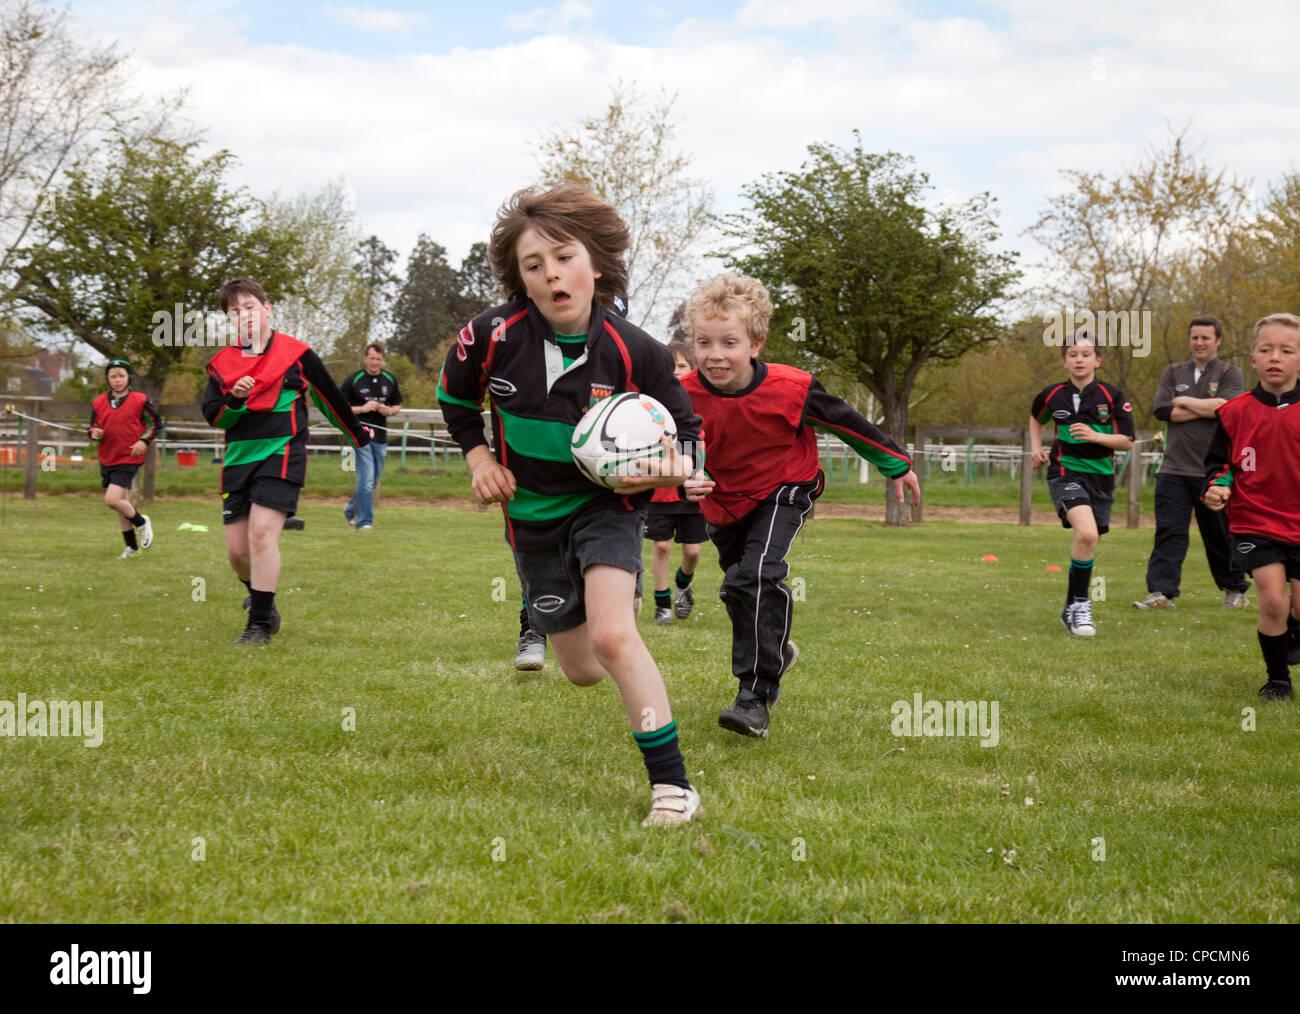 junior-boys-rugby-match-newmarket-suffolk-uk-CPCMN6.jpg